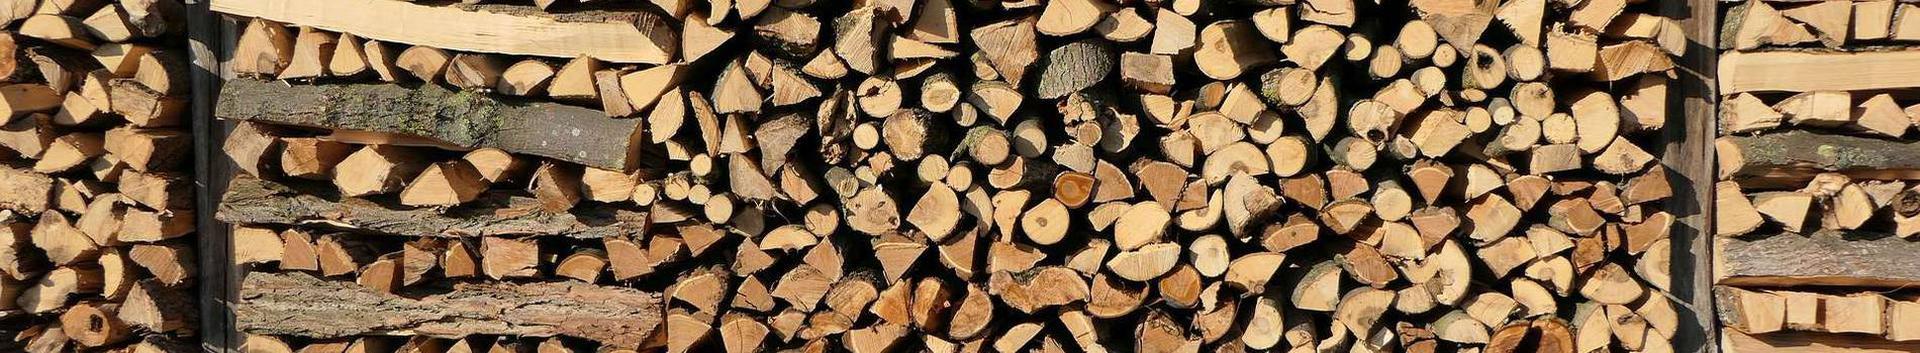 majade tootmine, majade paigaldamine, metsamajandus, metsandus, palkehitised, palkmajad, saunad, puitmajad, üldehitus, aiamööbel palgist